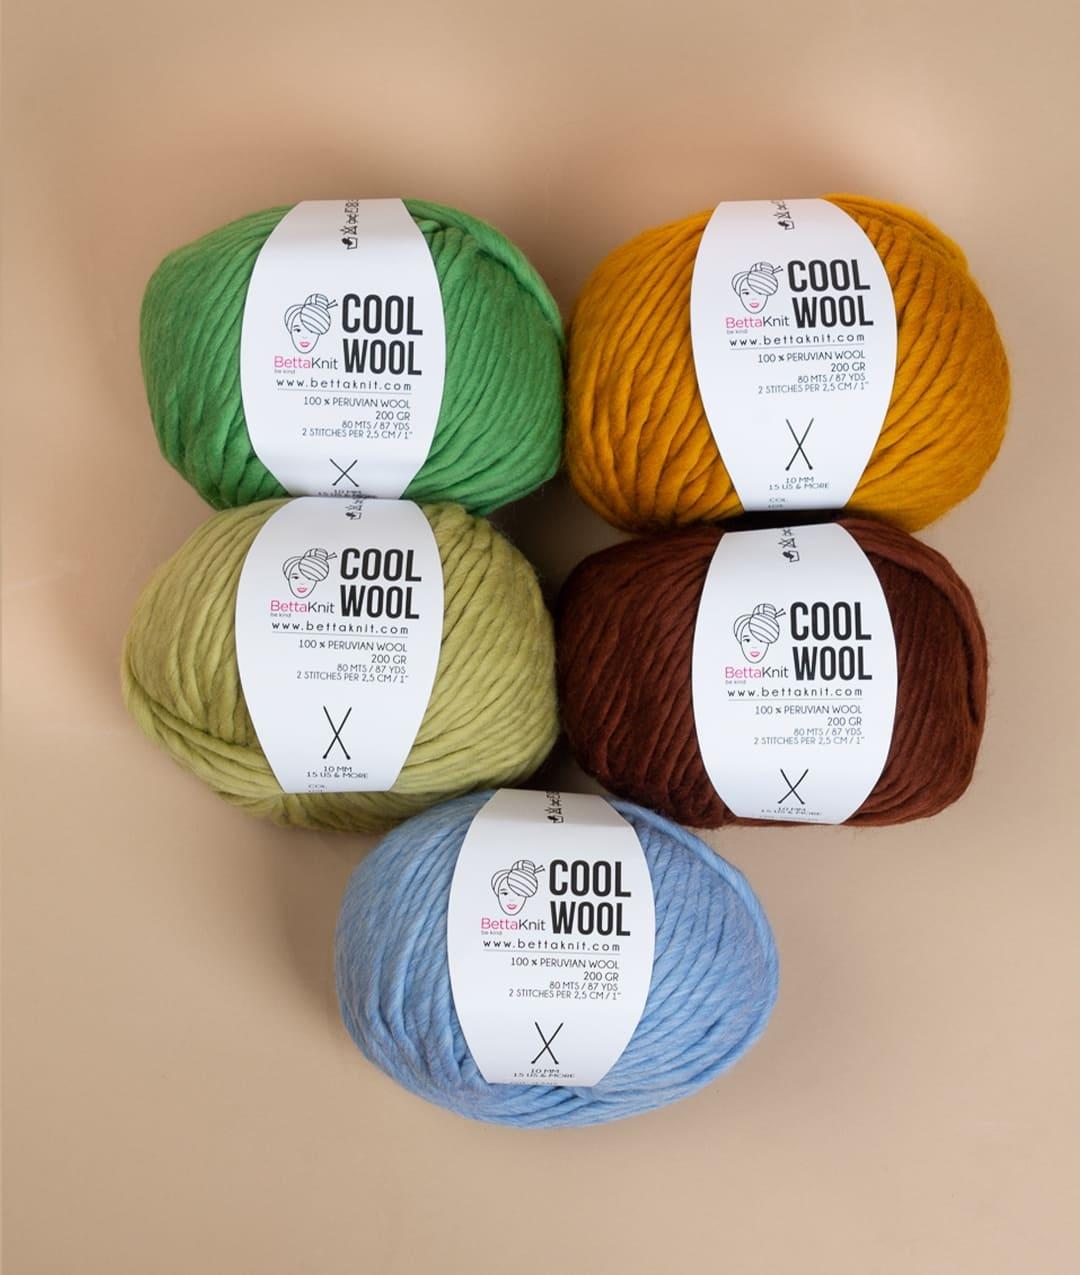 Packs of Skeins - Cool Wool Pack - 5 skeins - 1